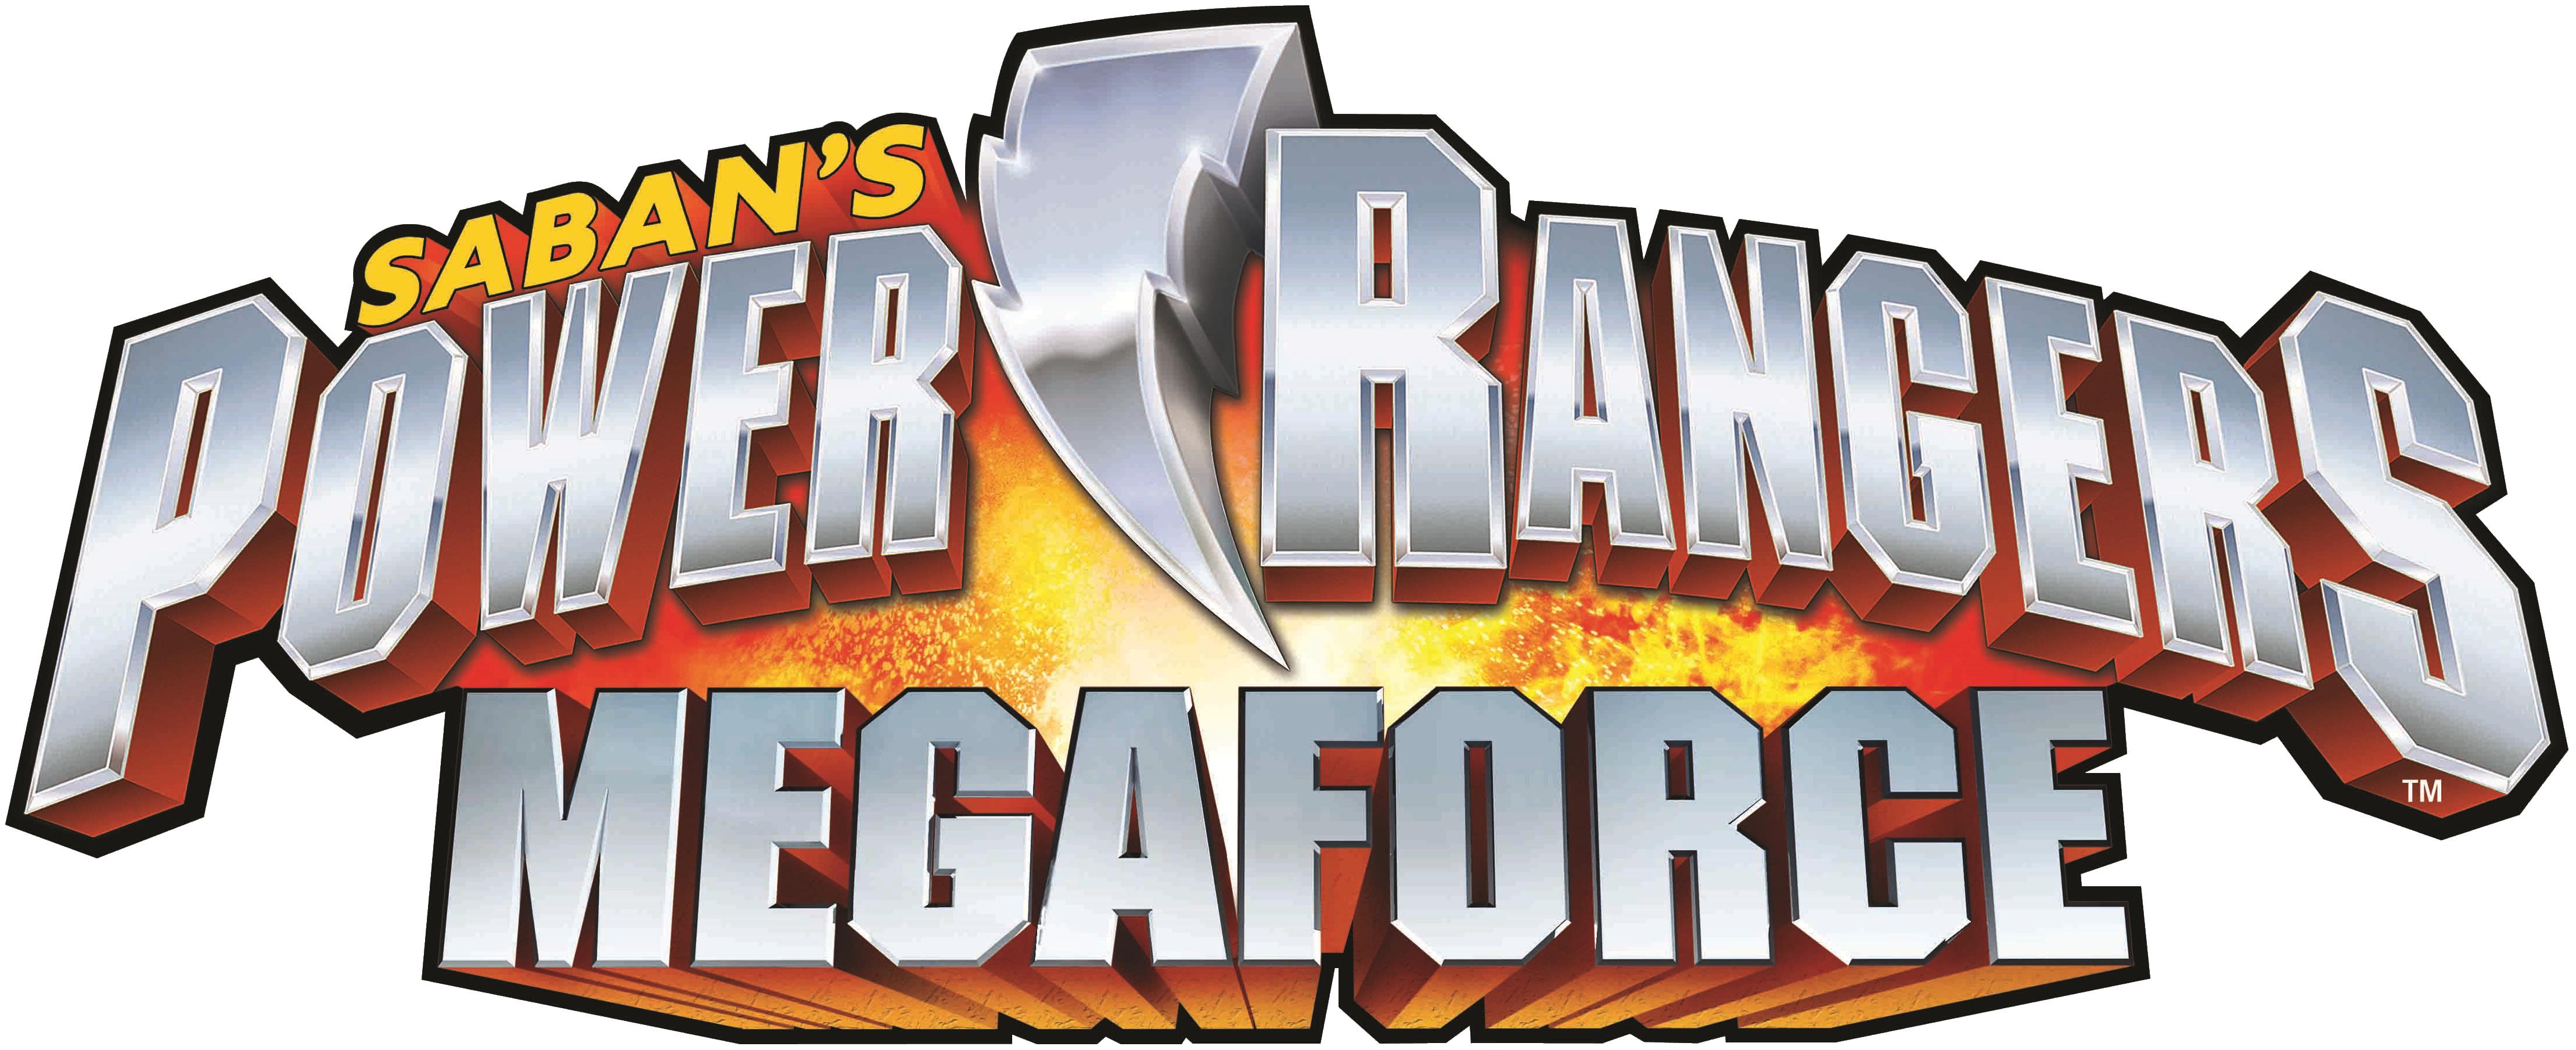 Image Result For Power Rangers Samurai Logo Pawer Rangers Tokusatsu Ranger